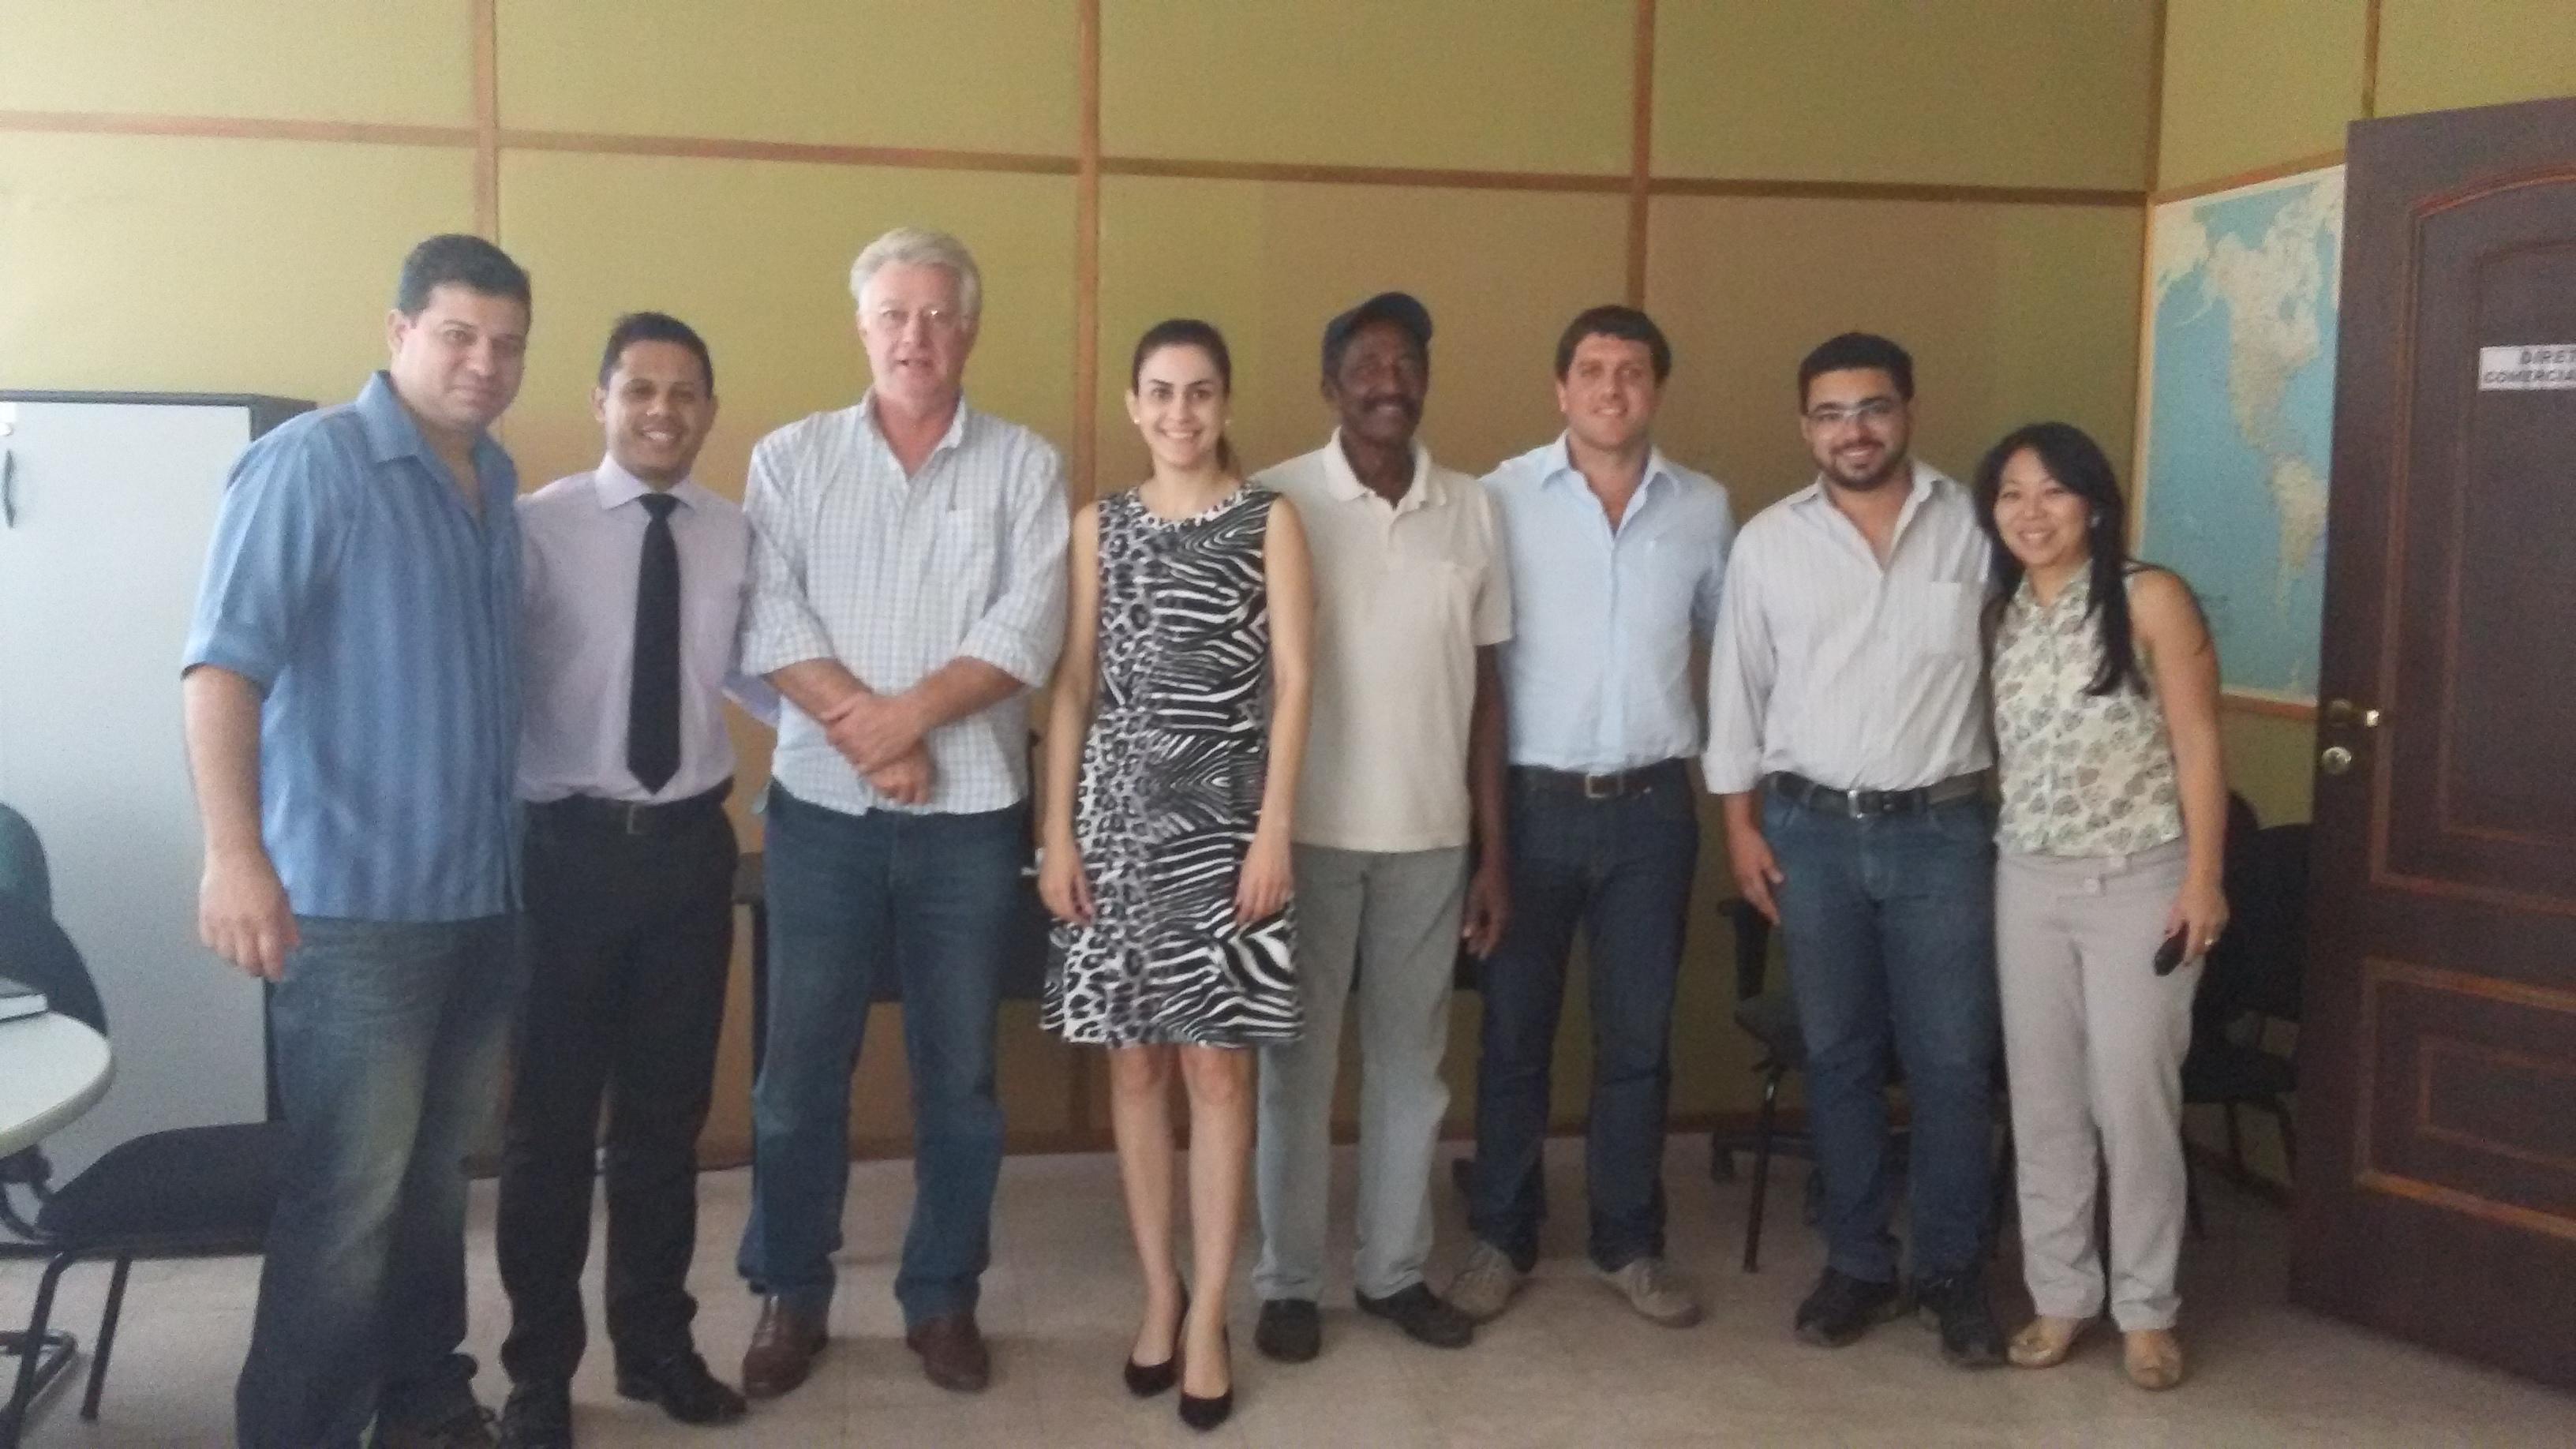 Unisol visita fábrica falida em Pirajuí e orienta ex-funcionários sobre constituição de cooperativa